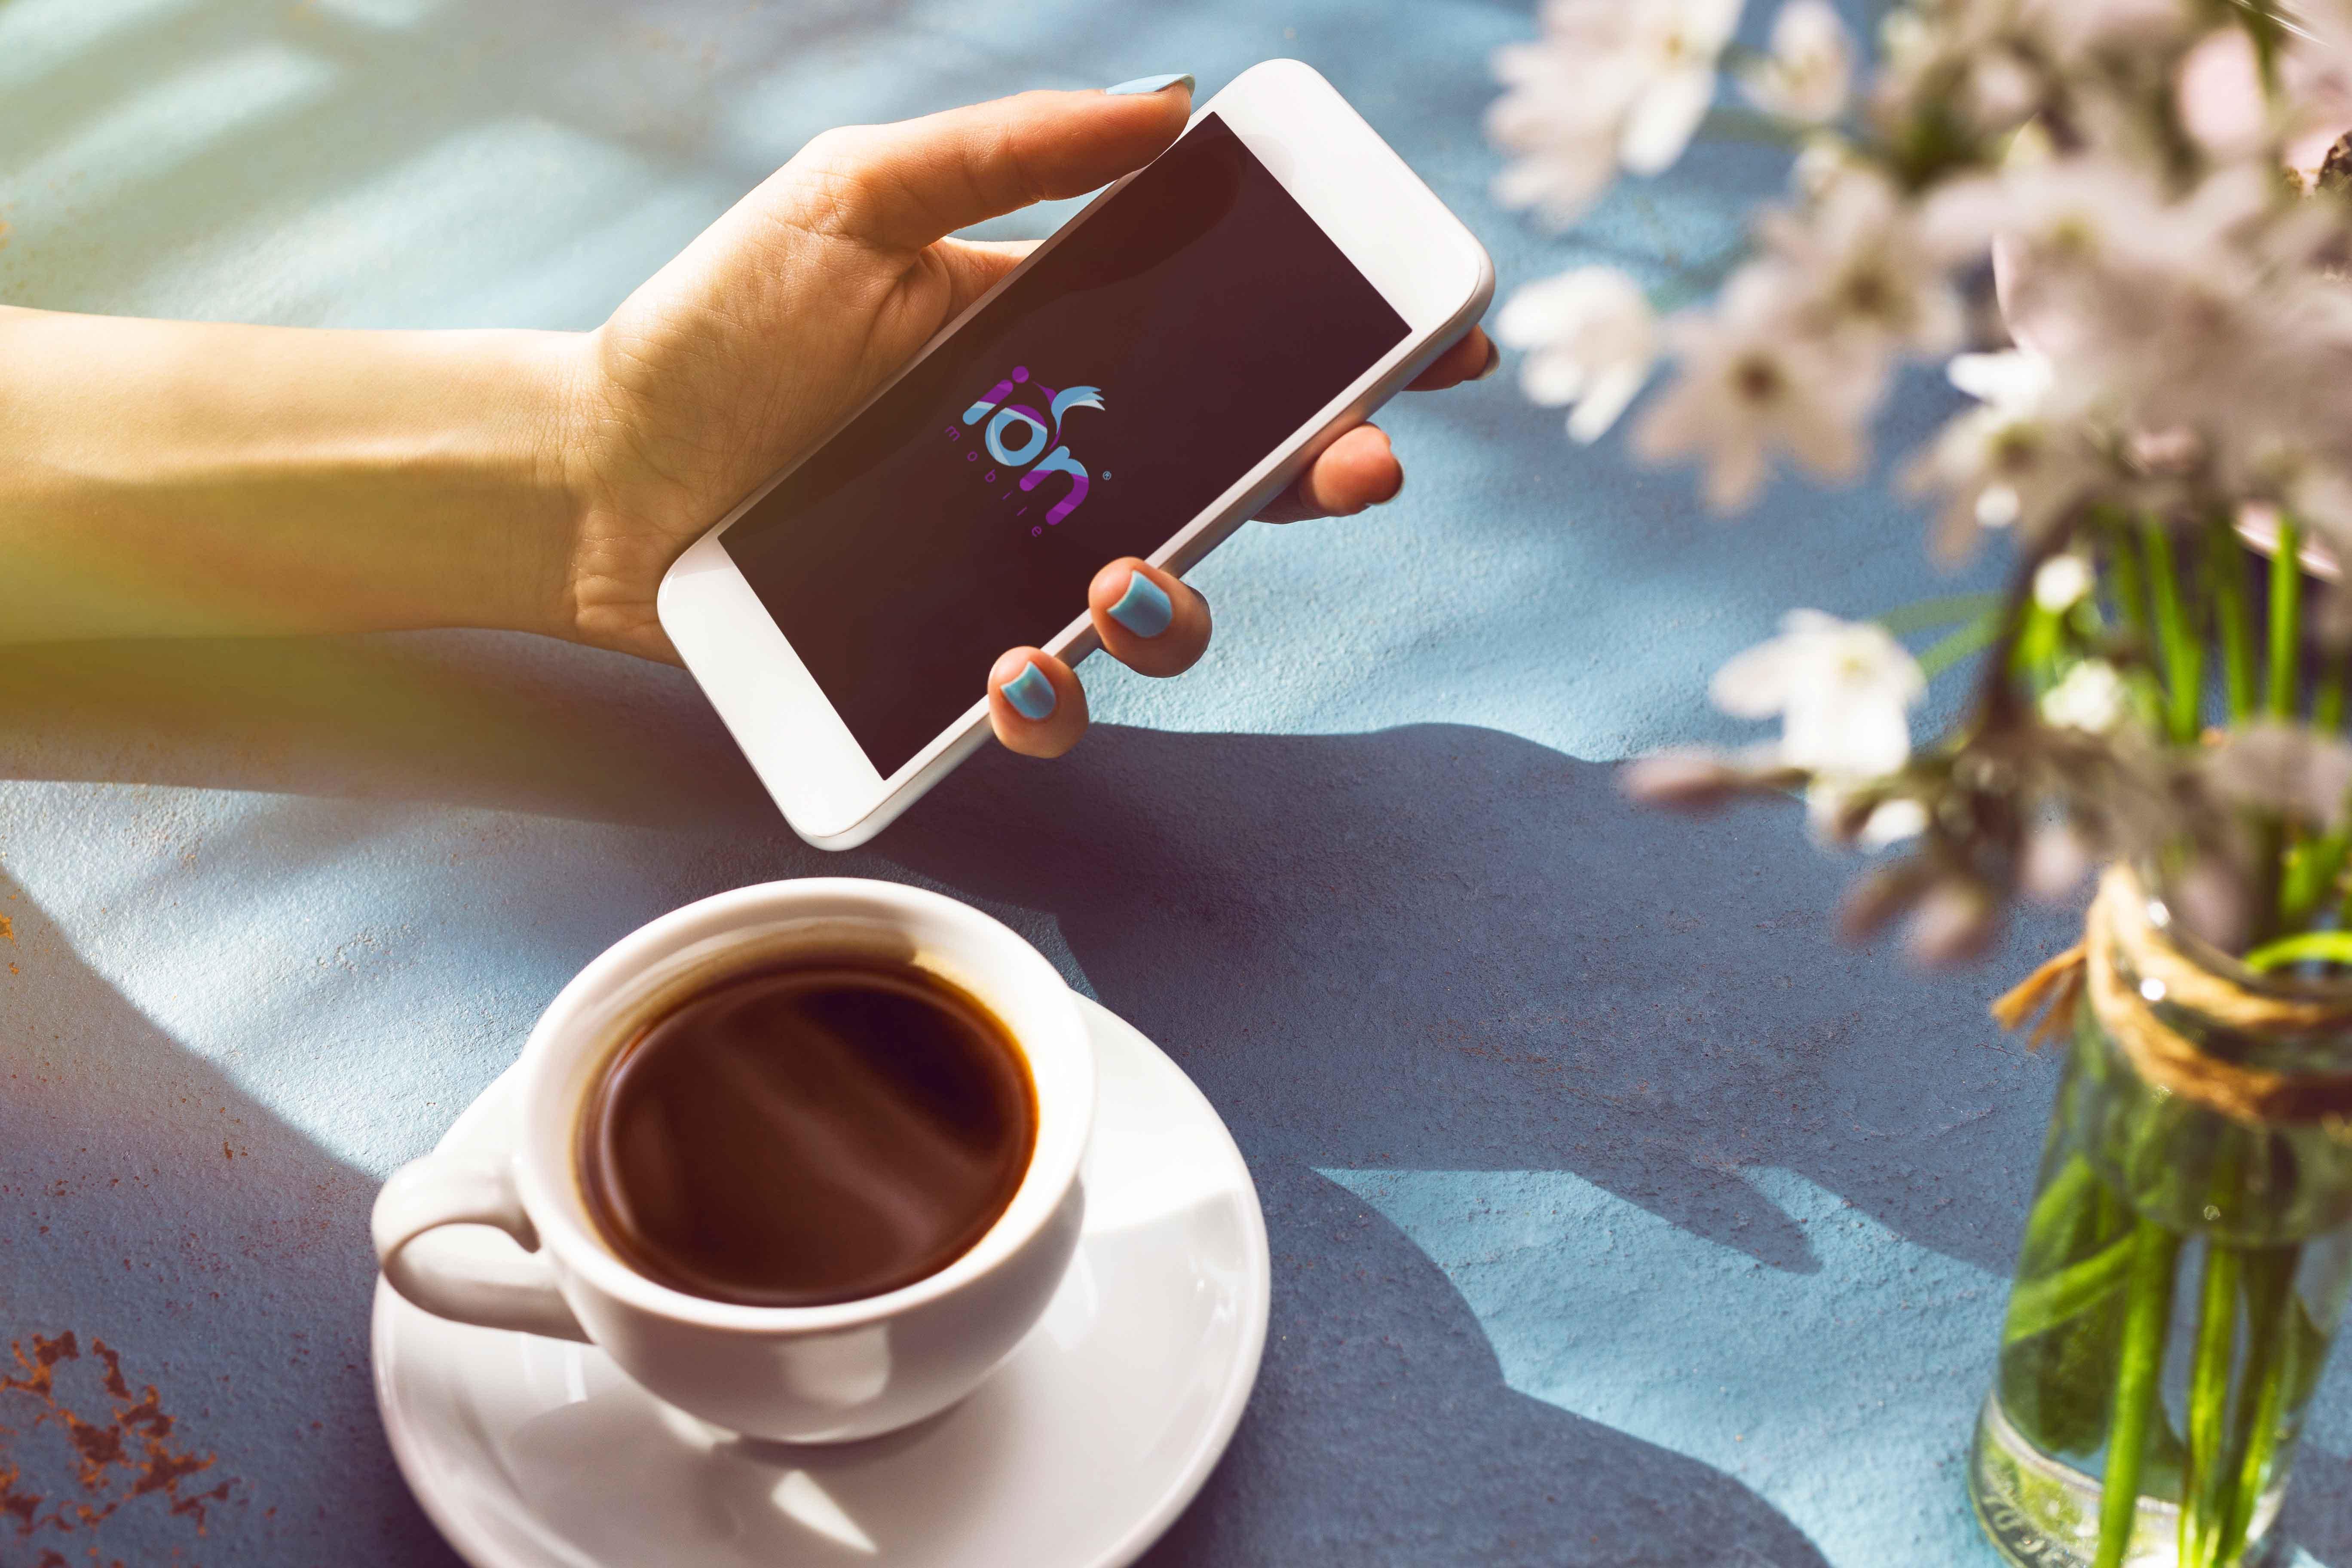 Chica mira su móvil para dar su opinión sobre Ion Mobile